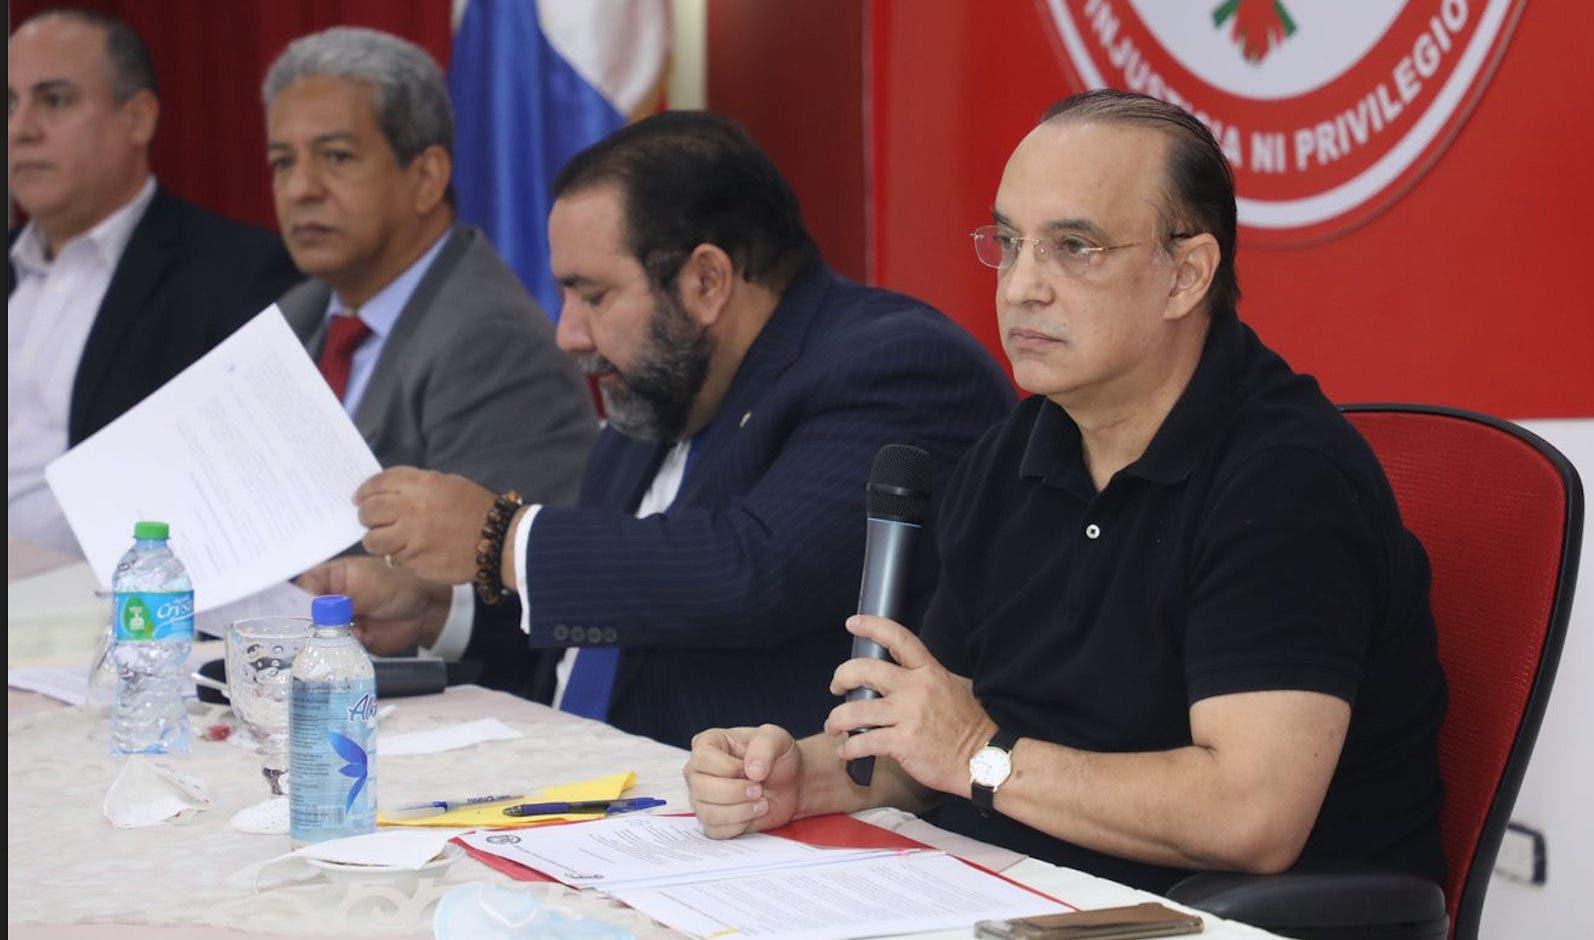 PRSC afirma deuda externa de la República Dominicana ha crecido «como nunca antes»